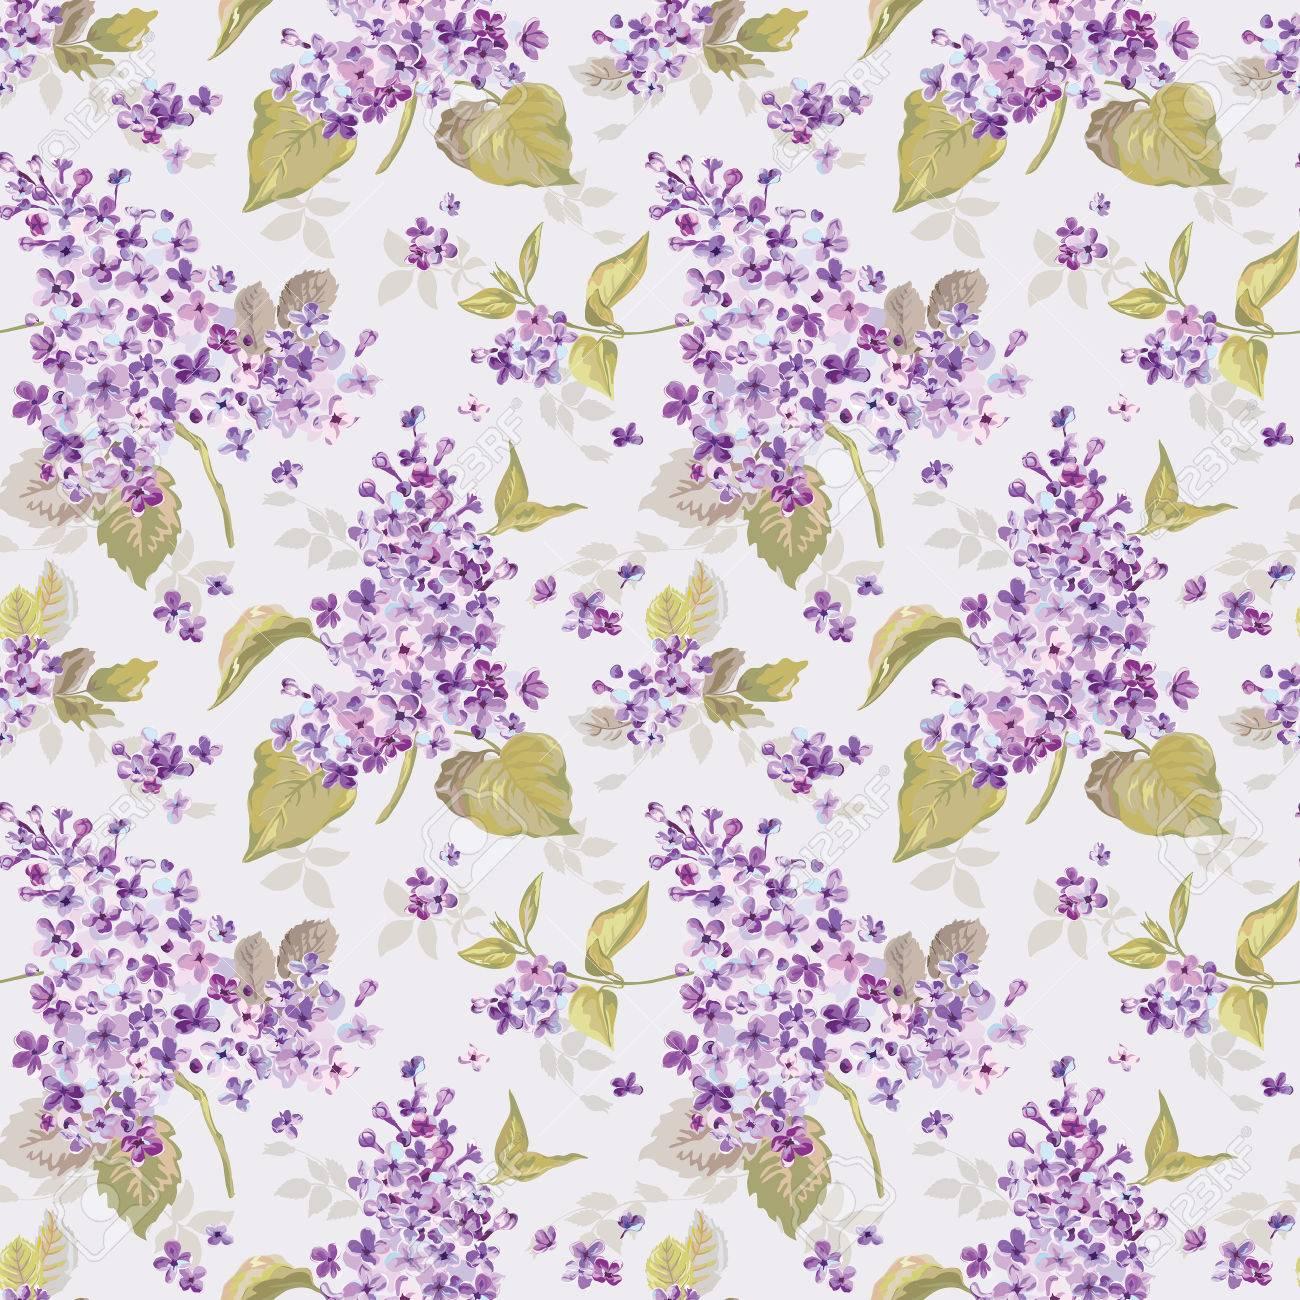 Vintage Floral Print Vintage Floral Lilac Background Seamless Pattern For Design